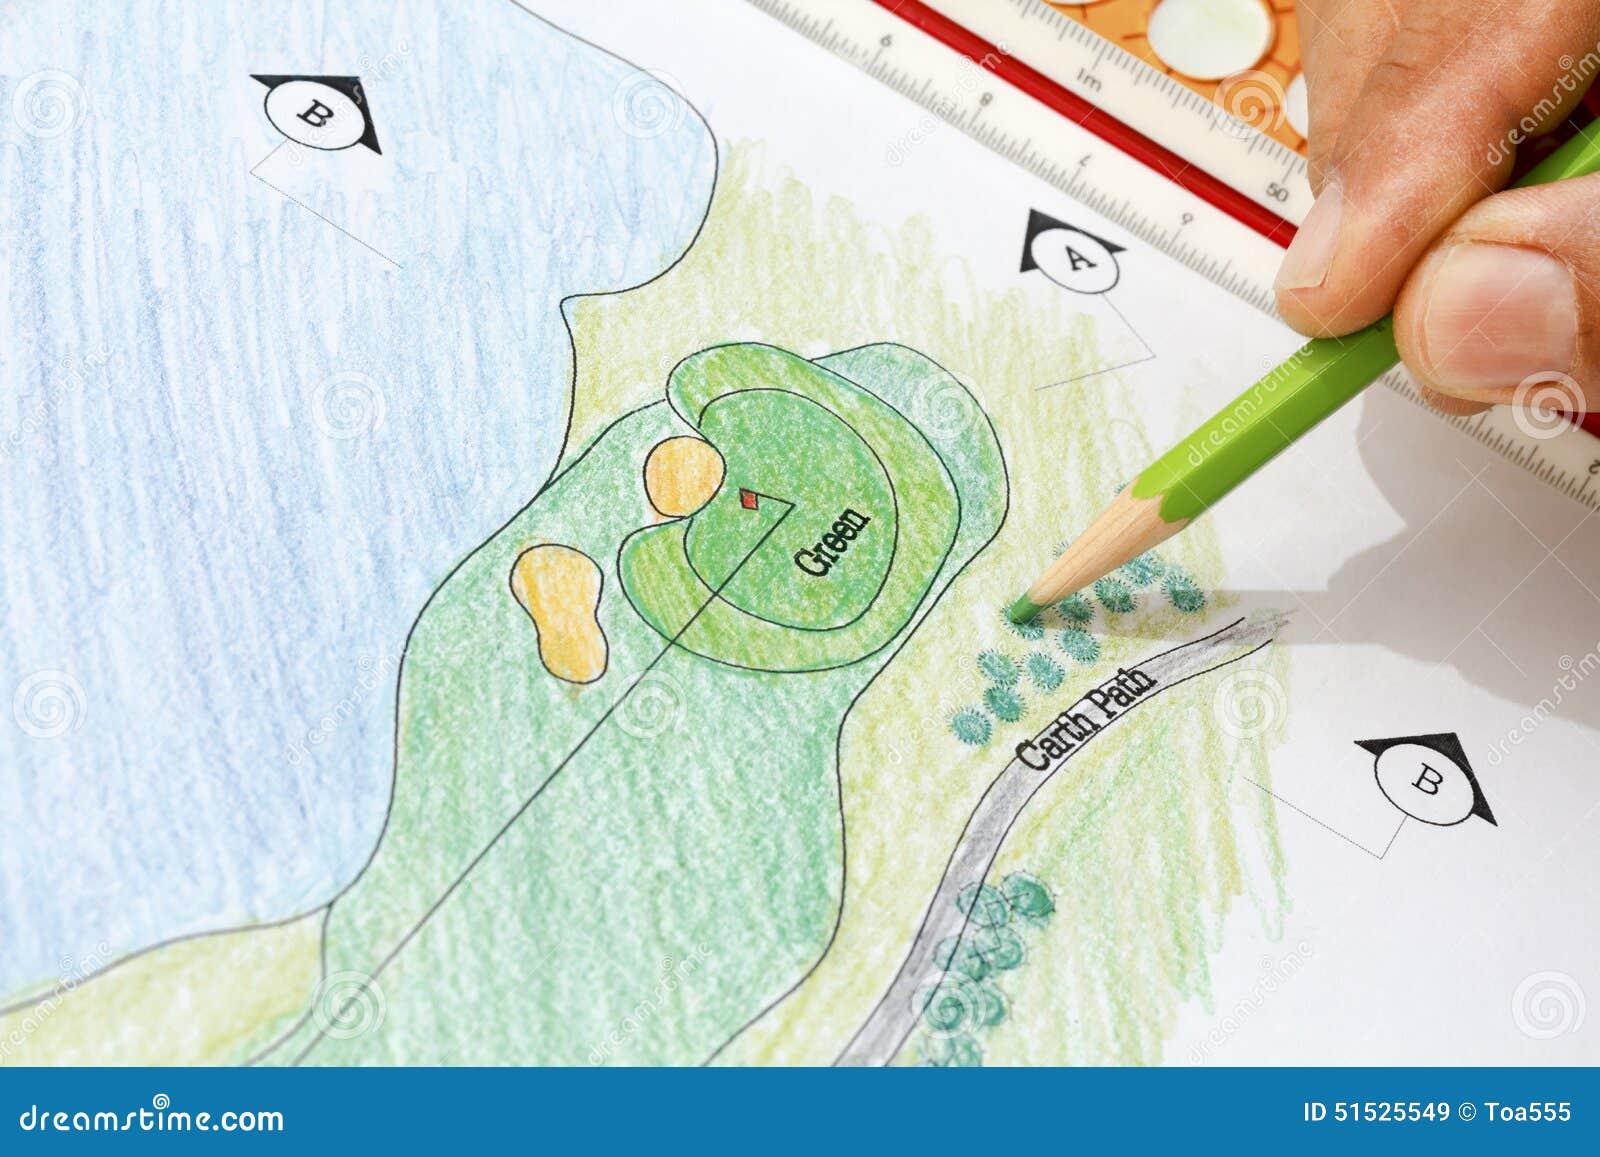 landscape architect design golf course plan stock image. Black Bedroom Furniture Sets. Home Design Ideas